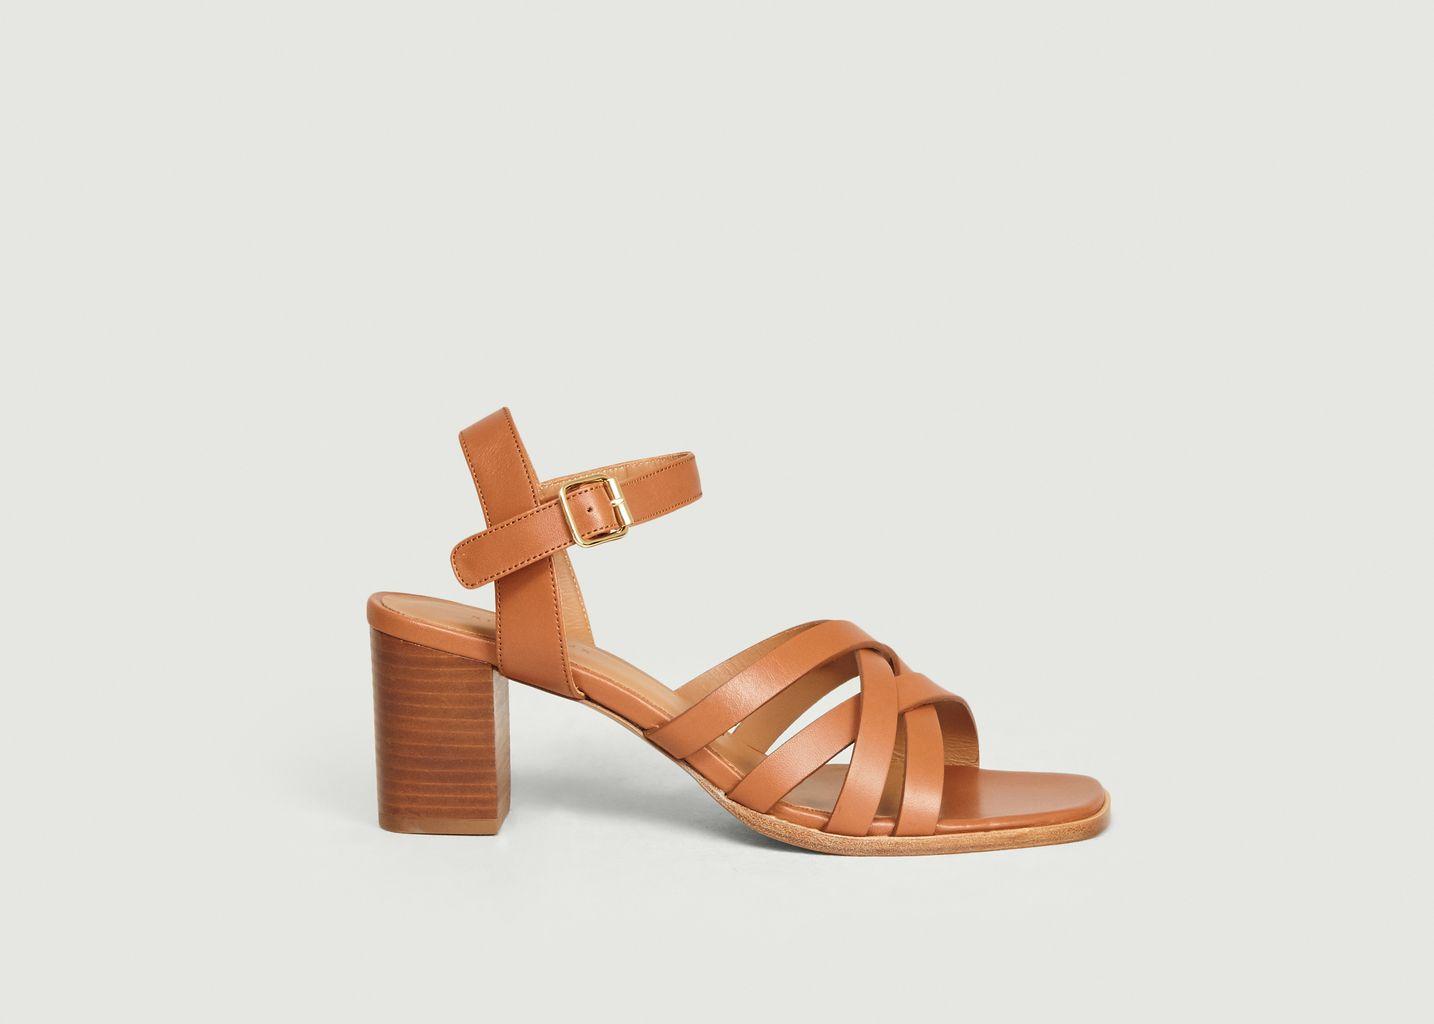 Sandales en cuir n°888 - Rivecour